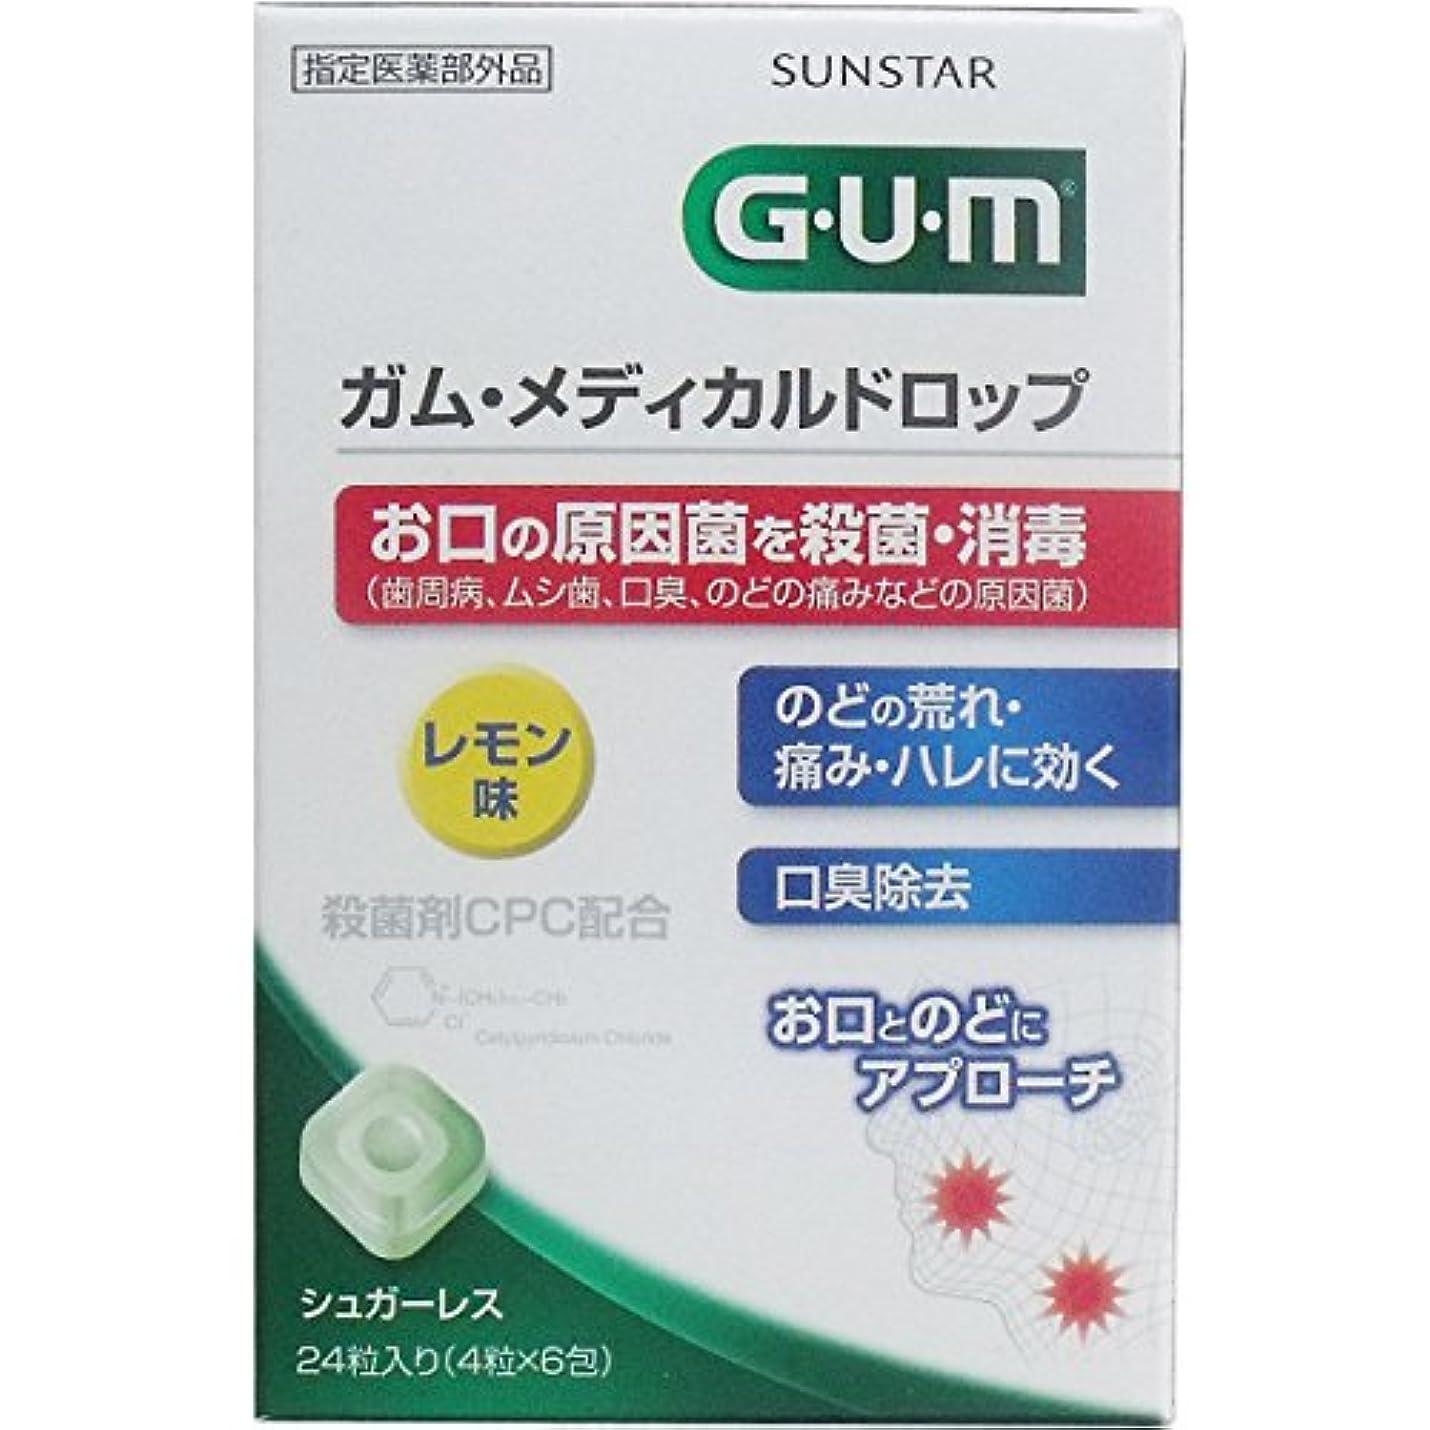 平和銃民主党【5個セット】GUM(ガム) メディカルドロップ レモン味 24粒